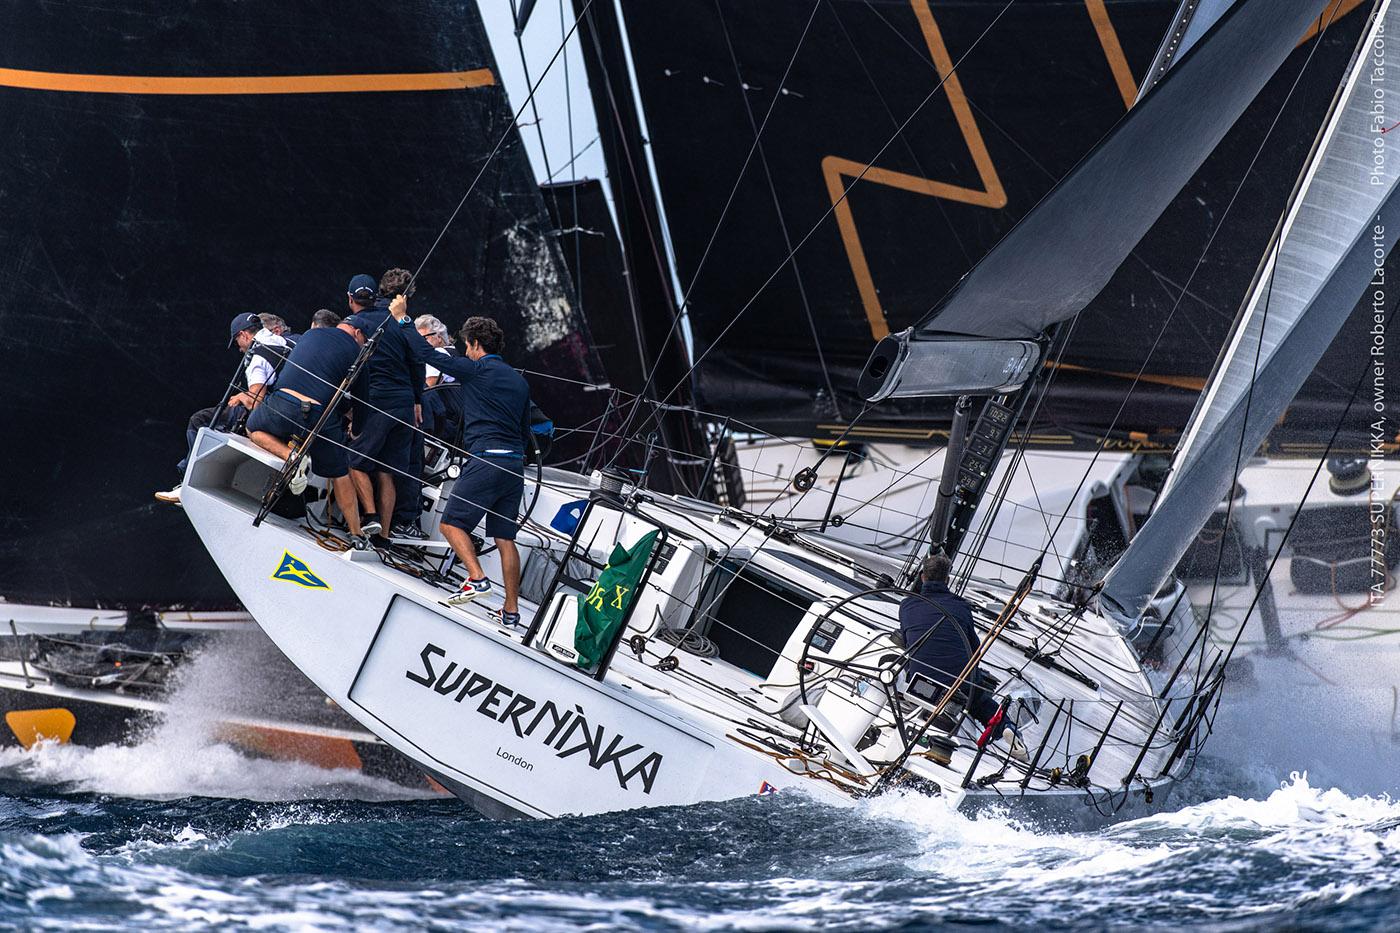 Enrico Zennaro su Supernikka vince la Maxi Yacht Rolex Cup